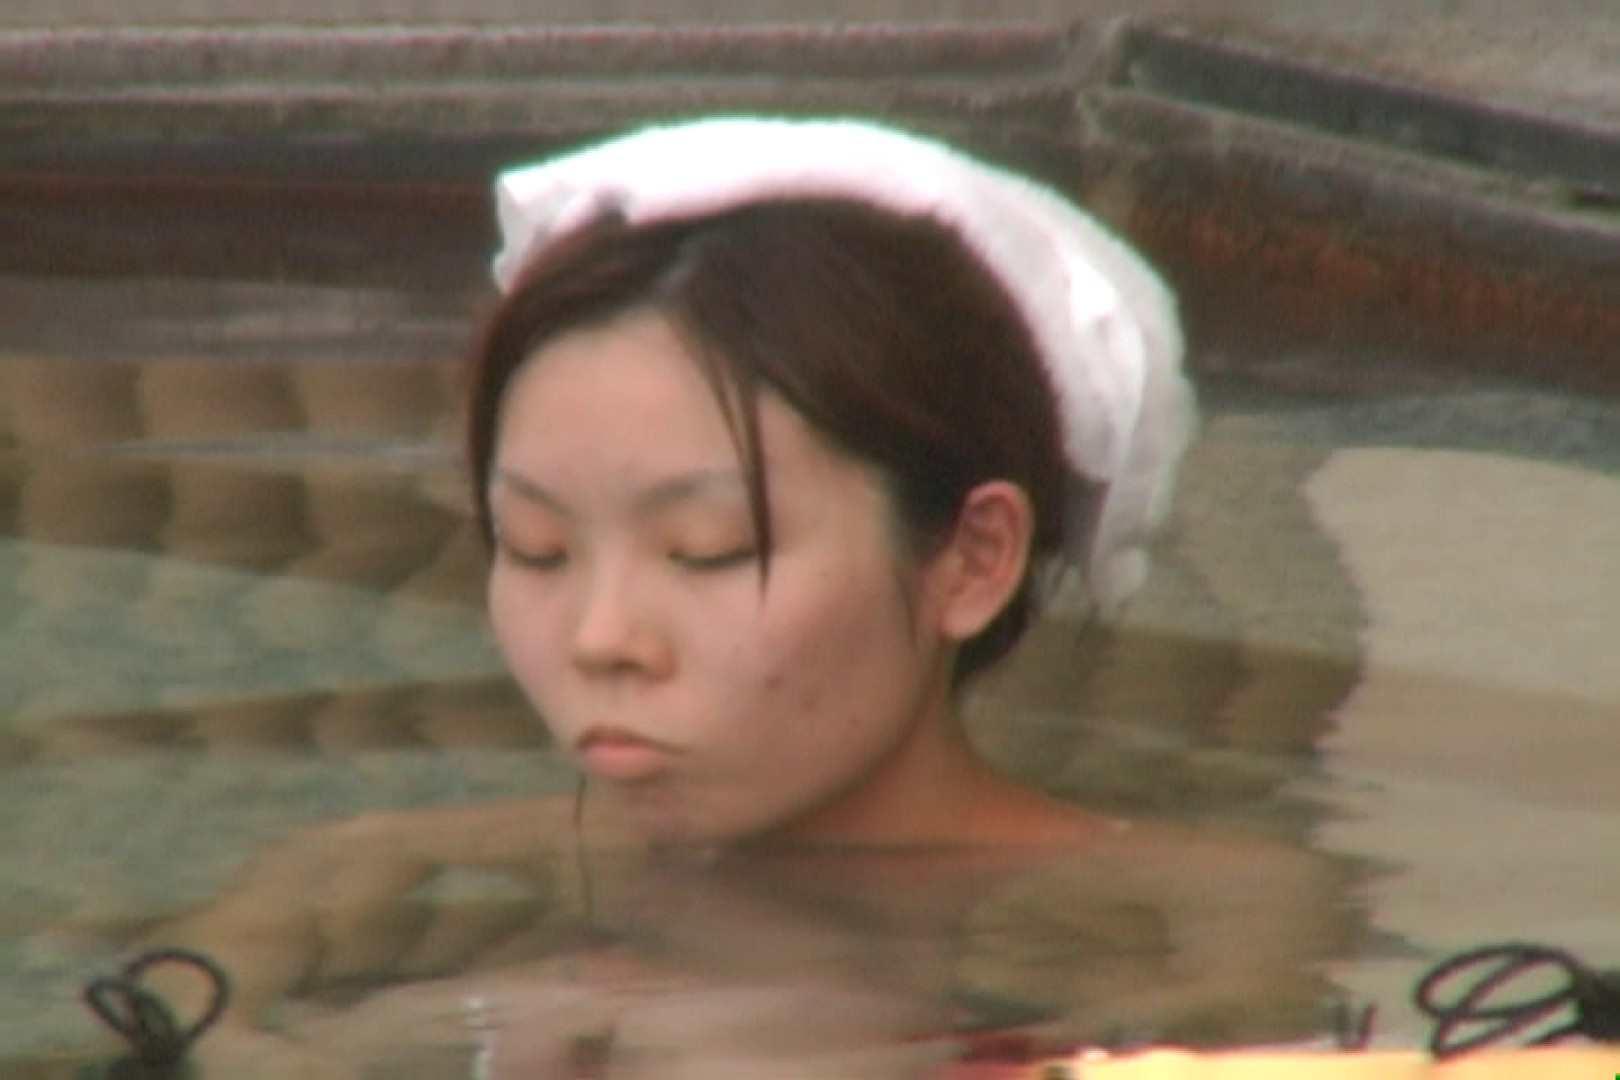 Aquaな露天風呂Vol.580 盗撮師作品 | 美しいOLの裸体  98pic 88